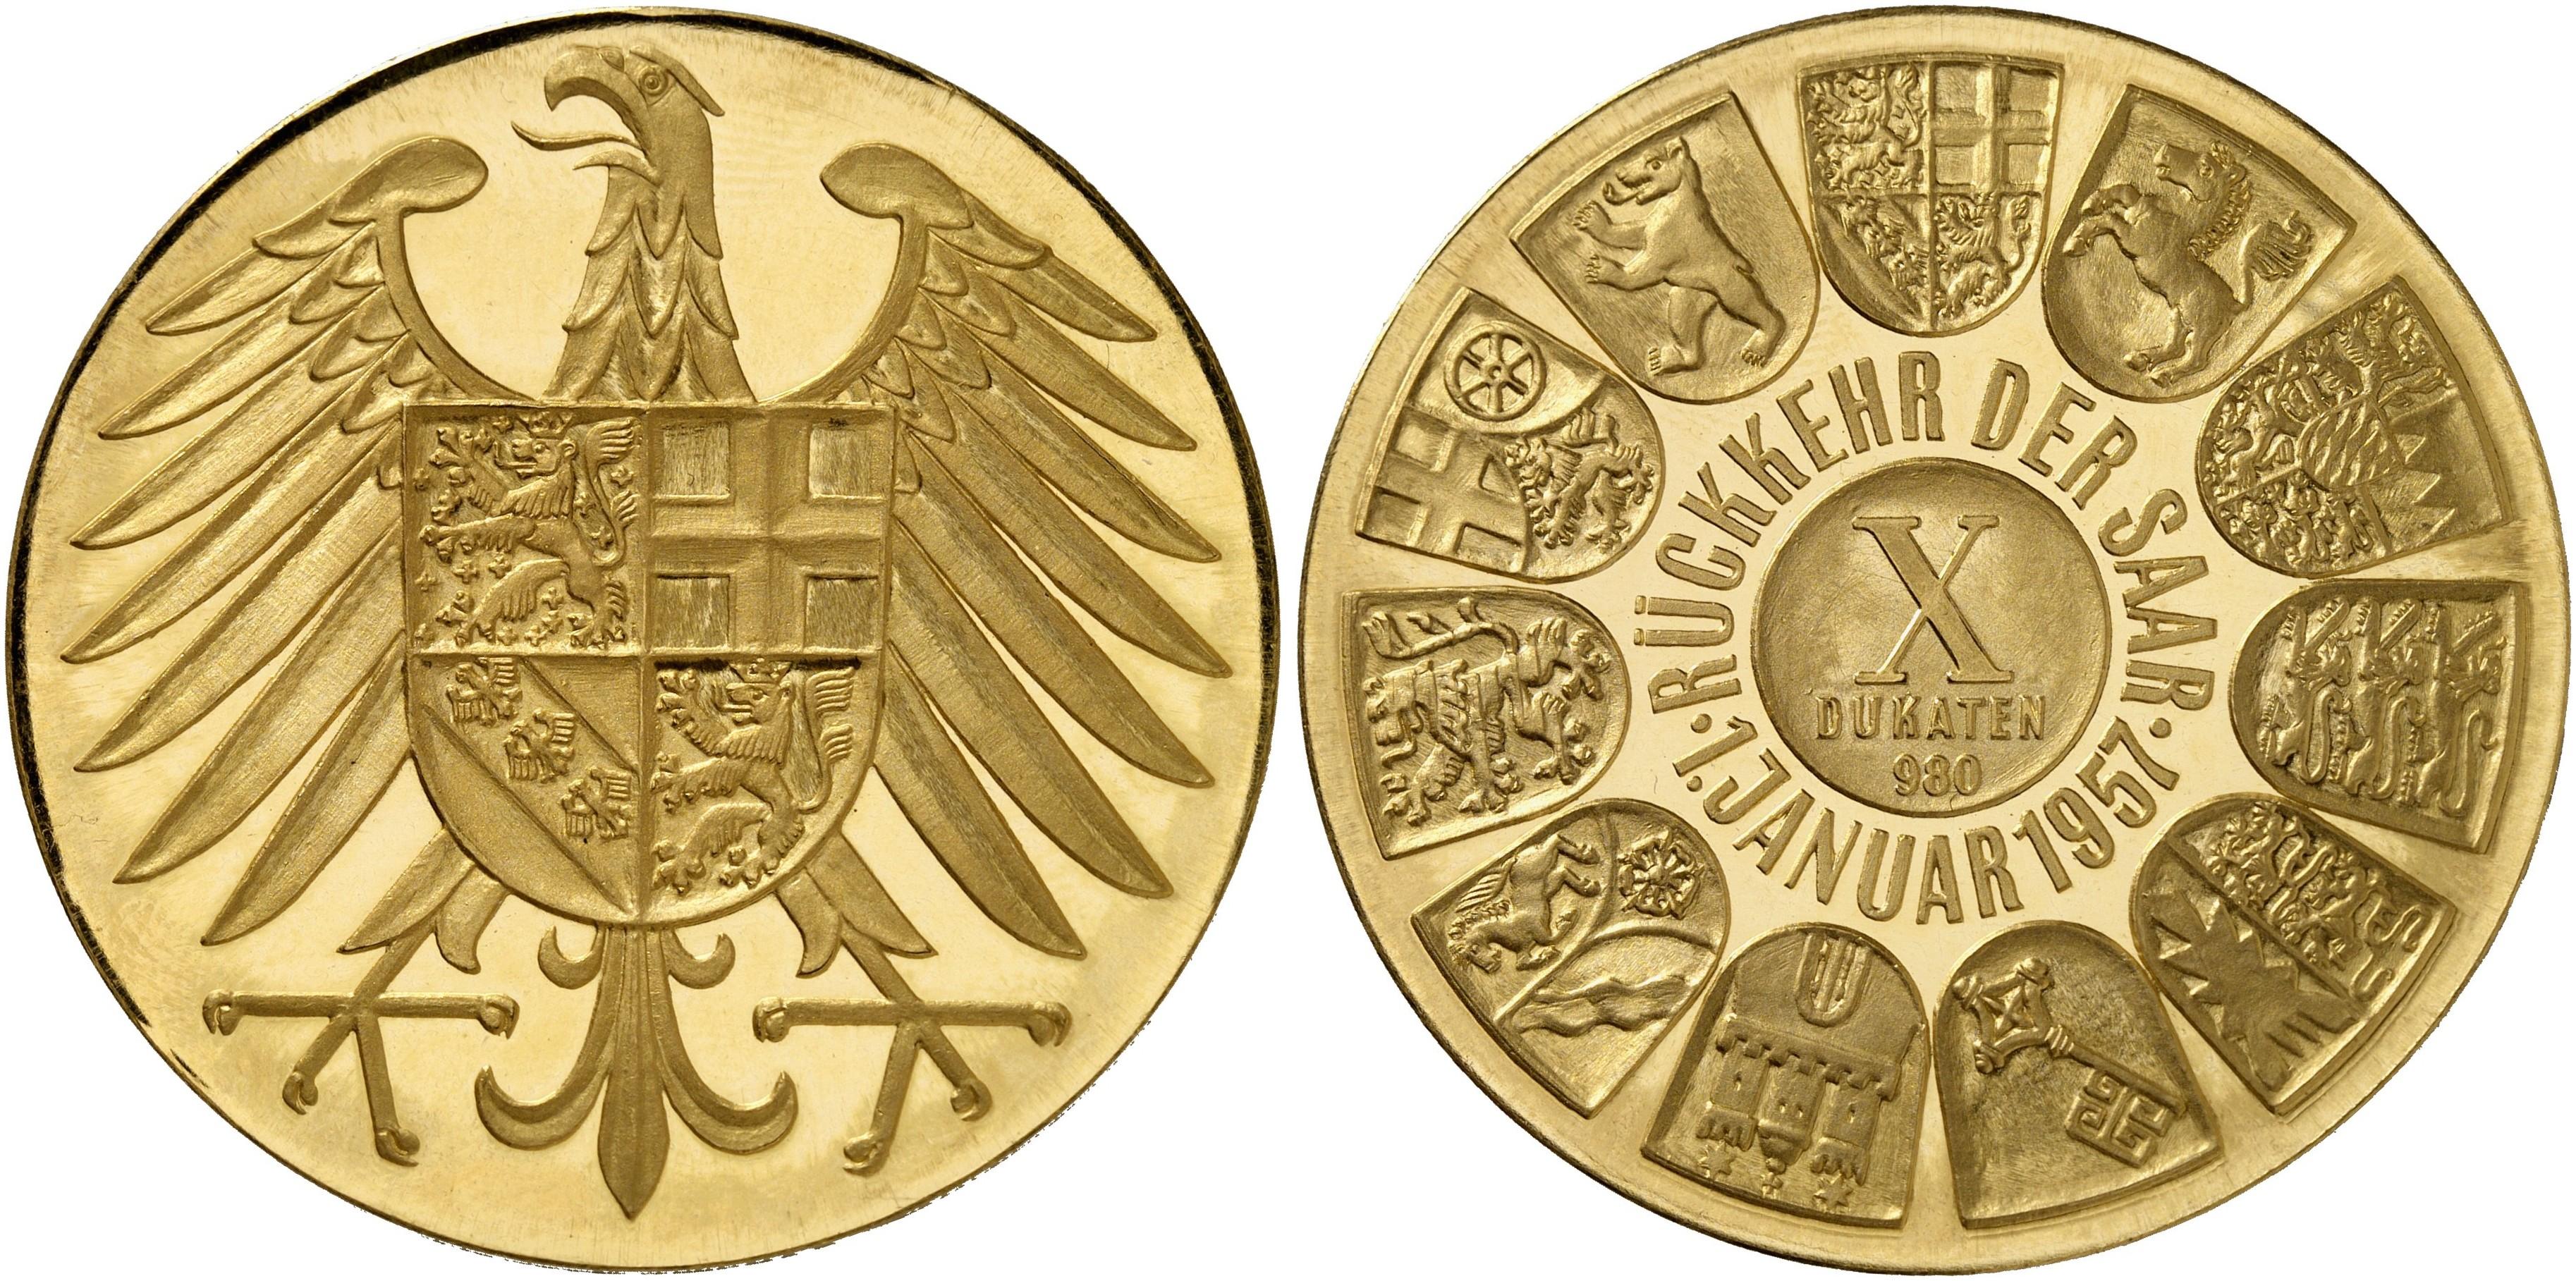 Goldmedaille Zu 10 Dukaten 1957